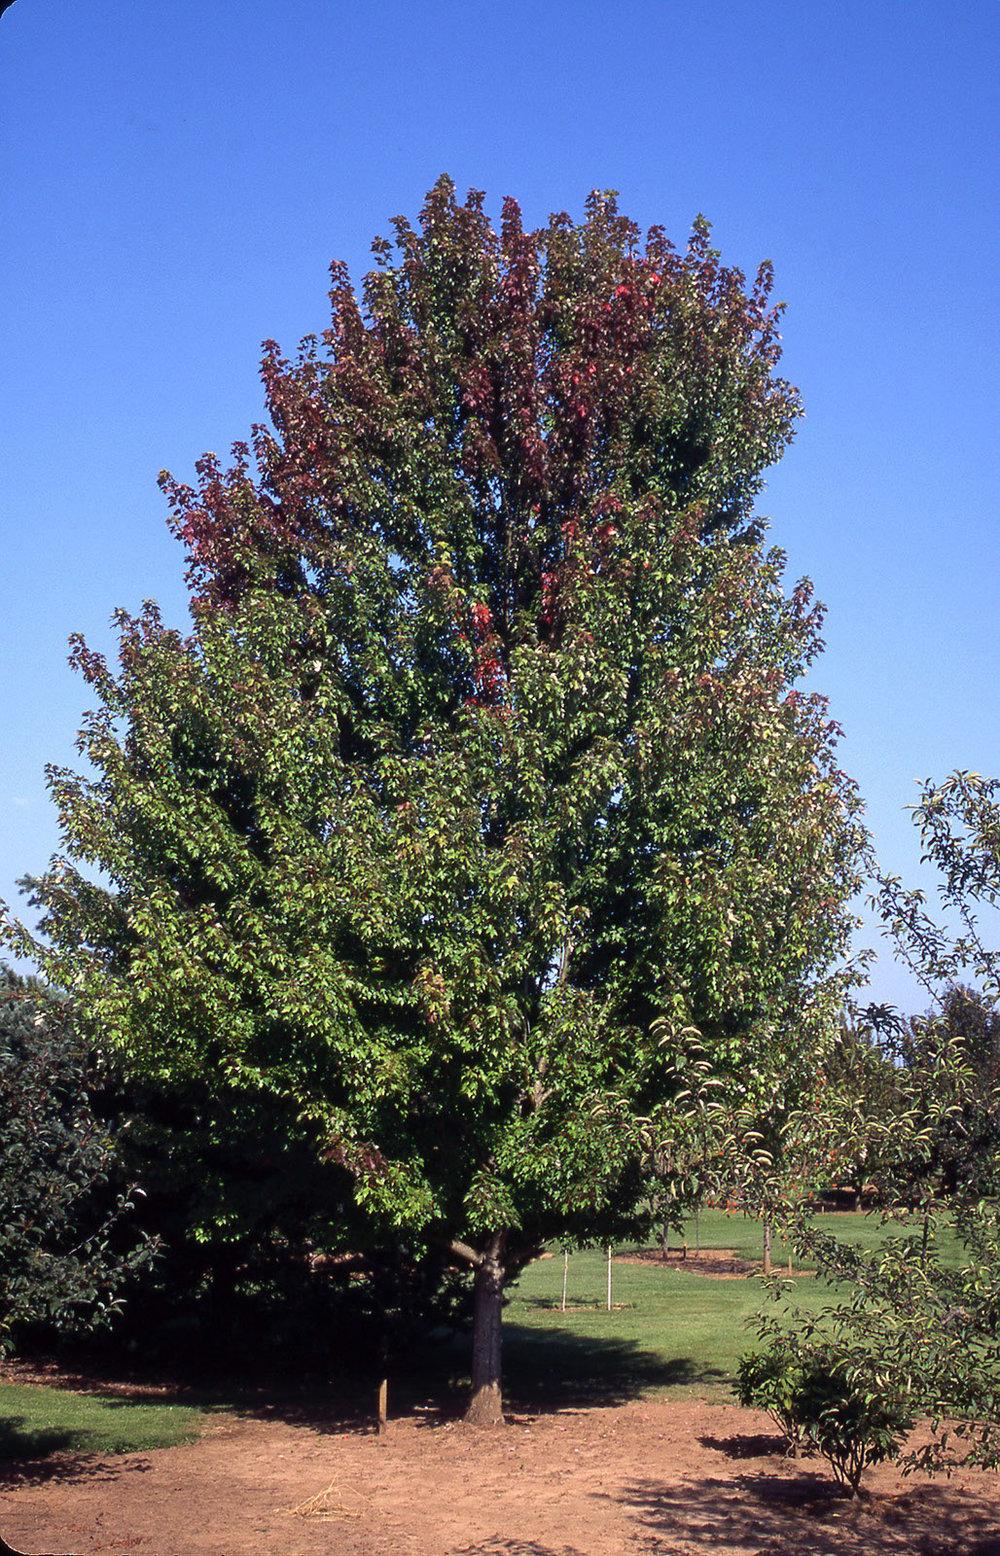 Autumn Blaze Maple summer foliage.jpg